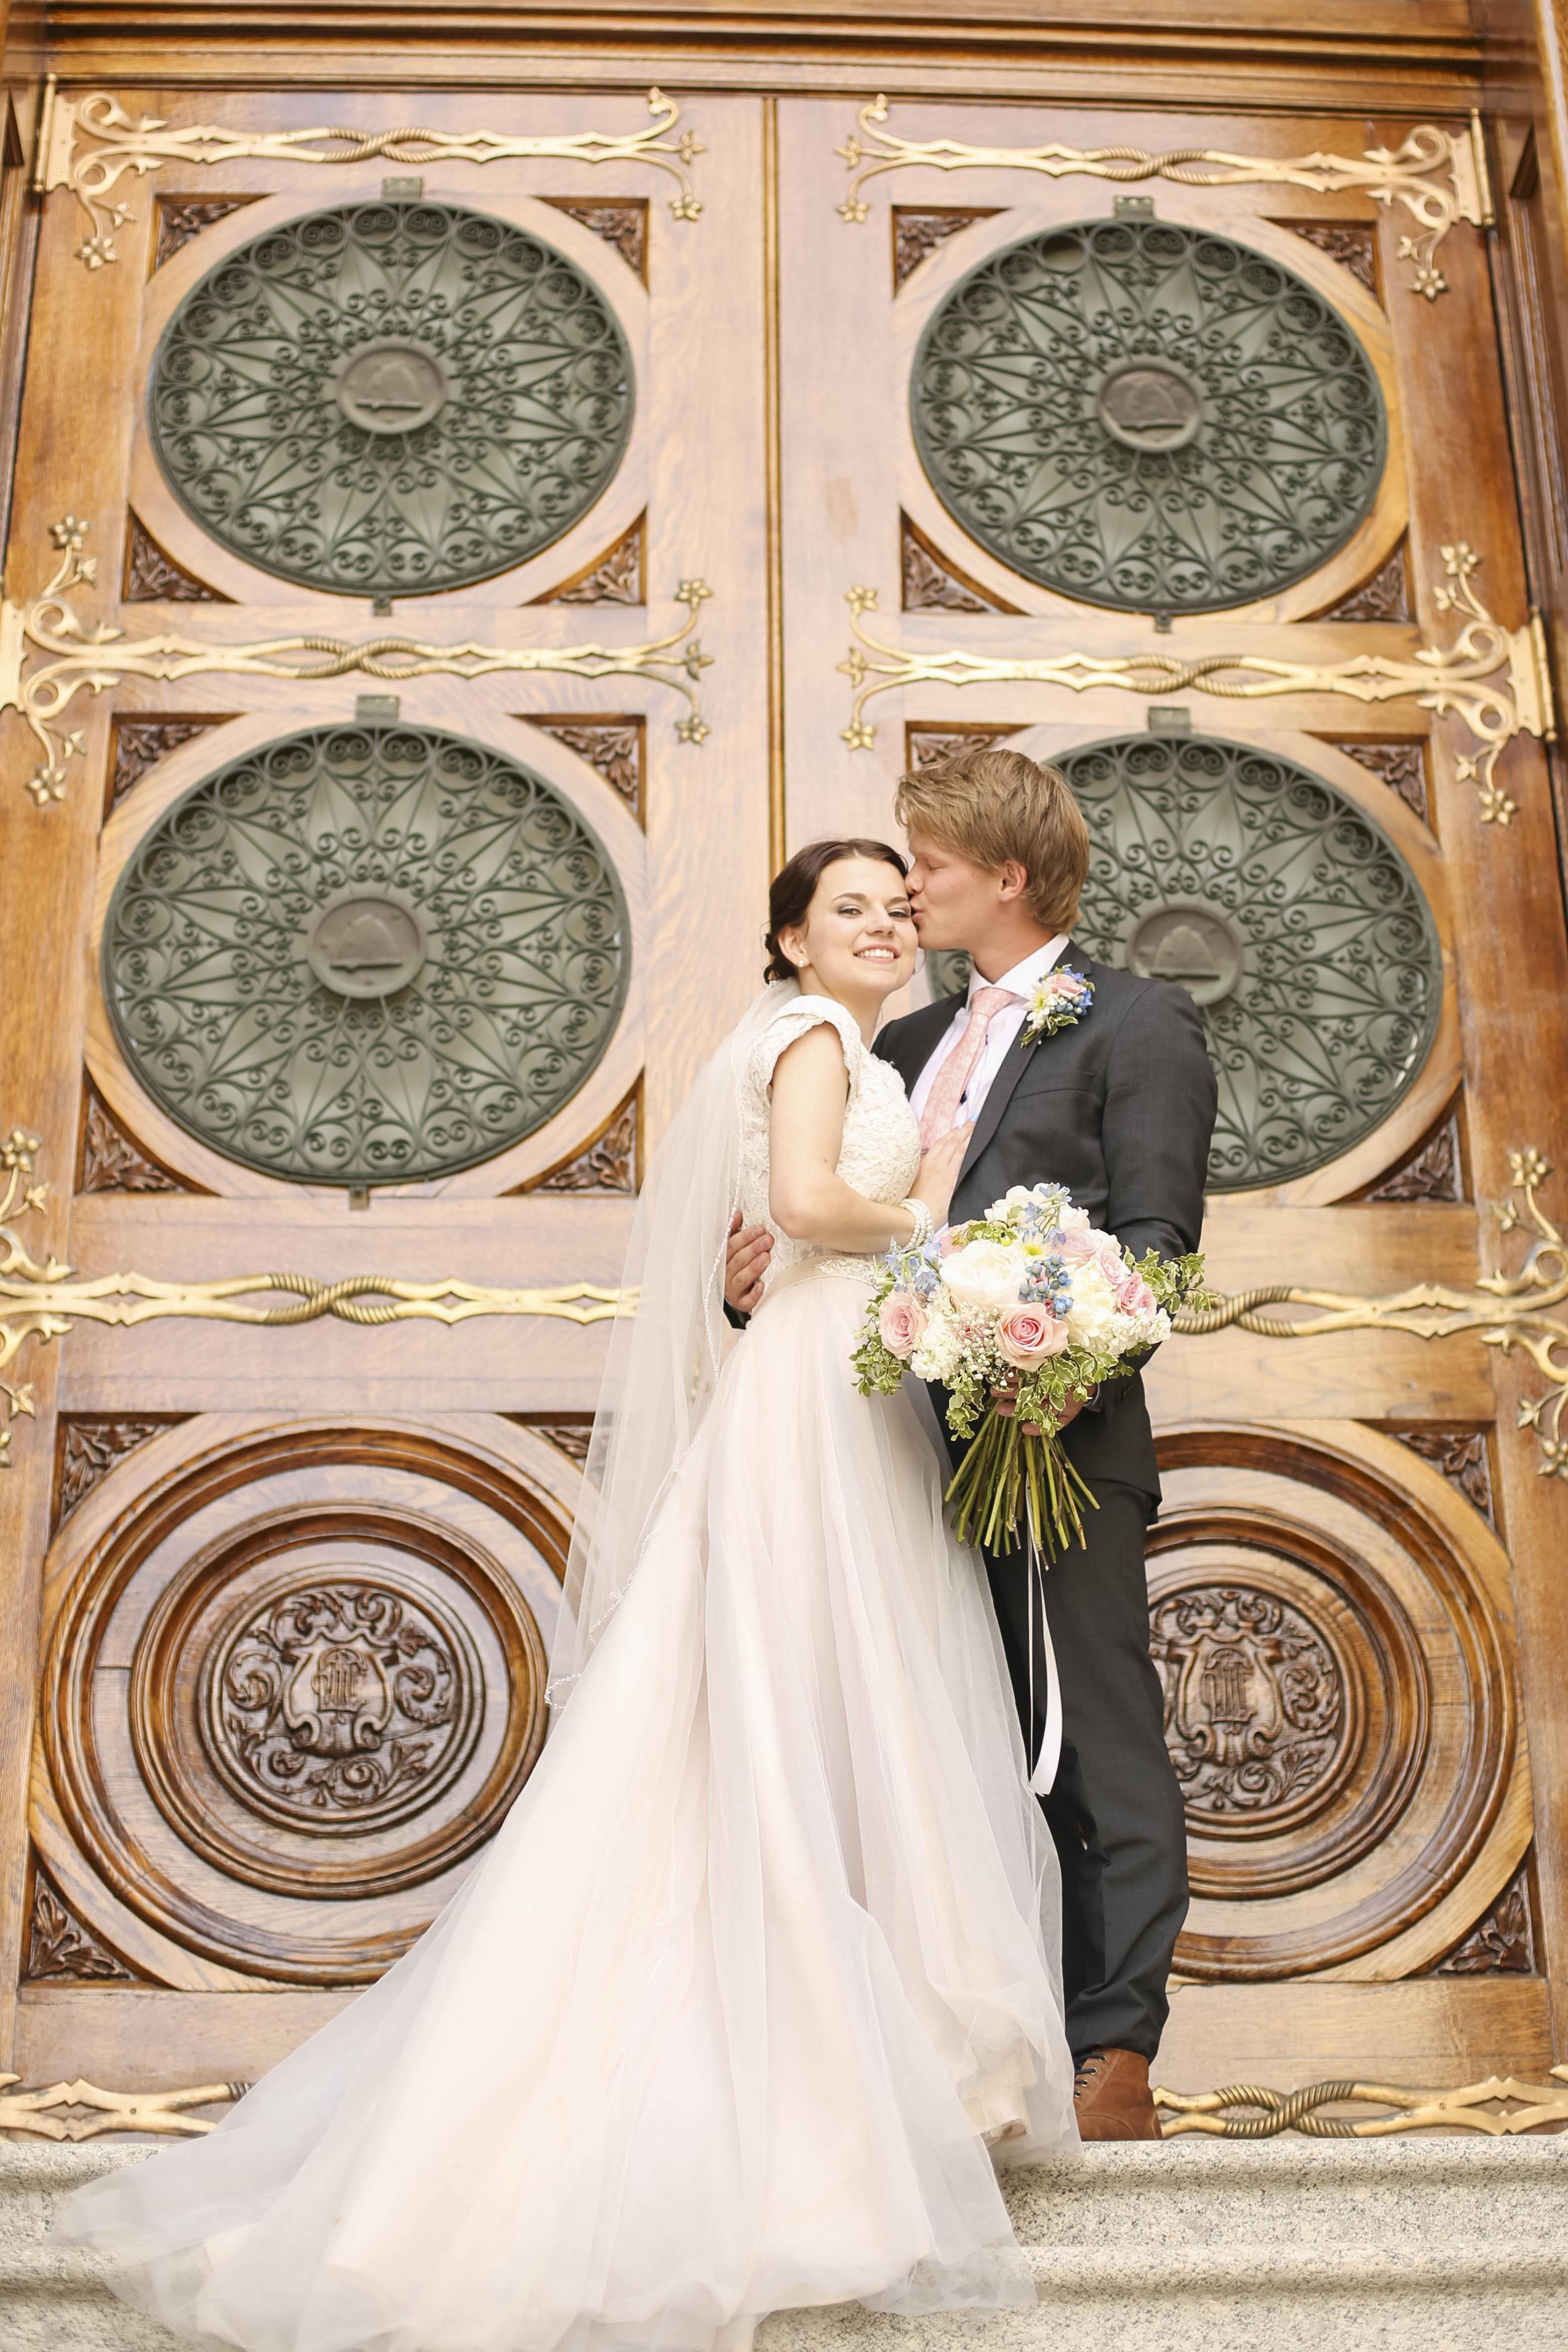 Logan and Tiffany || Petals and Promises Bridal Bride - Petals and ...